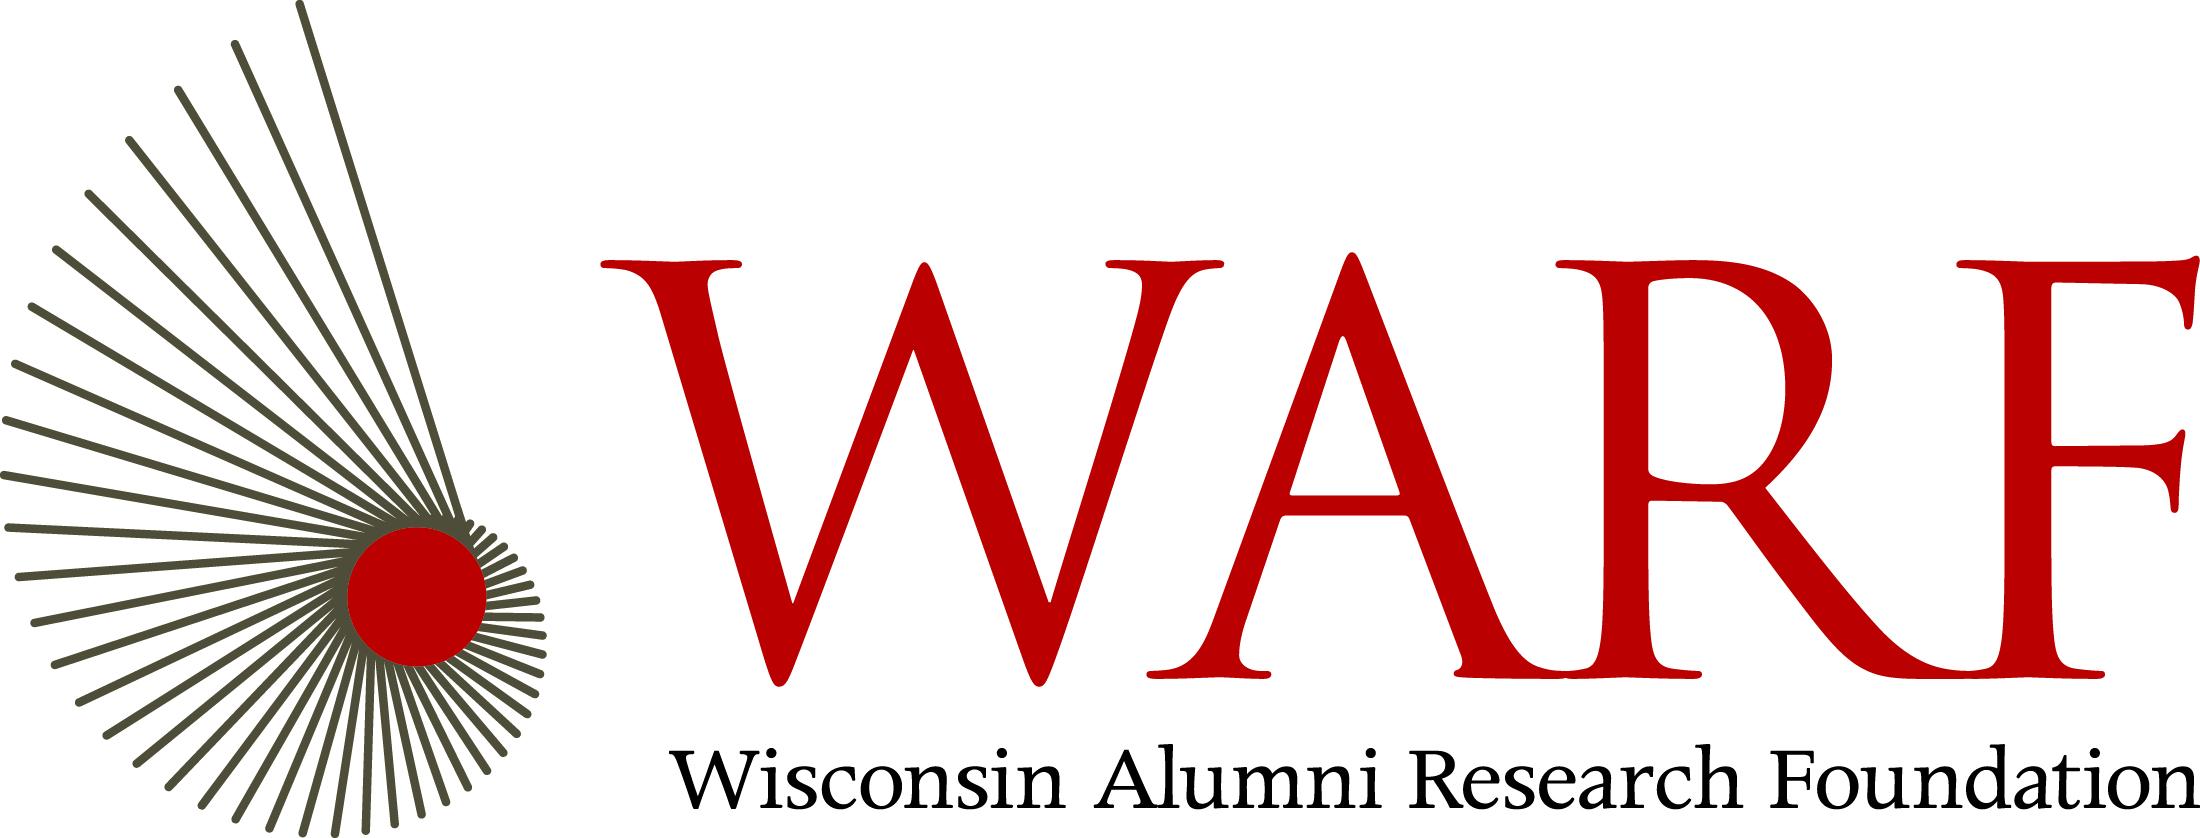 Warf_logo_CMYK 2014